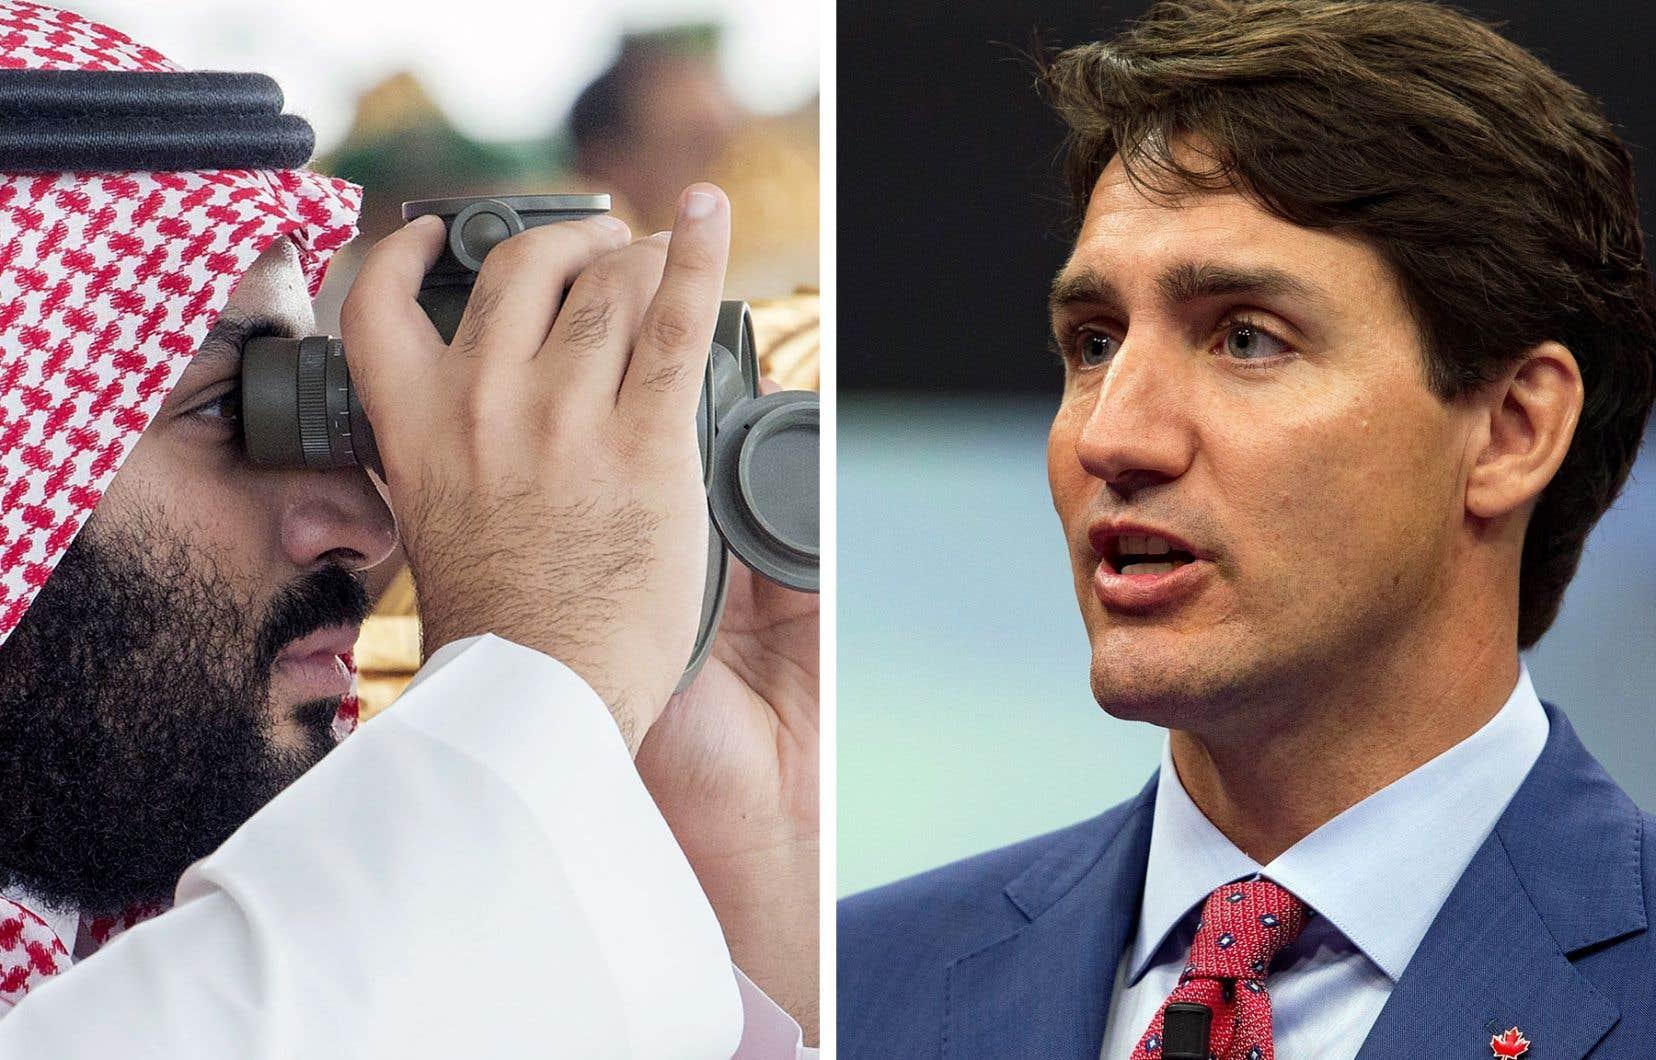 Depuis presque une semaine, les relations entre Riyad et Ottawa sont tendues. Toutefois, les relations entre les deux pays étaient déjà difficiles avant le tweet de la ministre des Affaires étrangères.